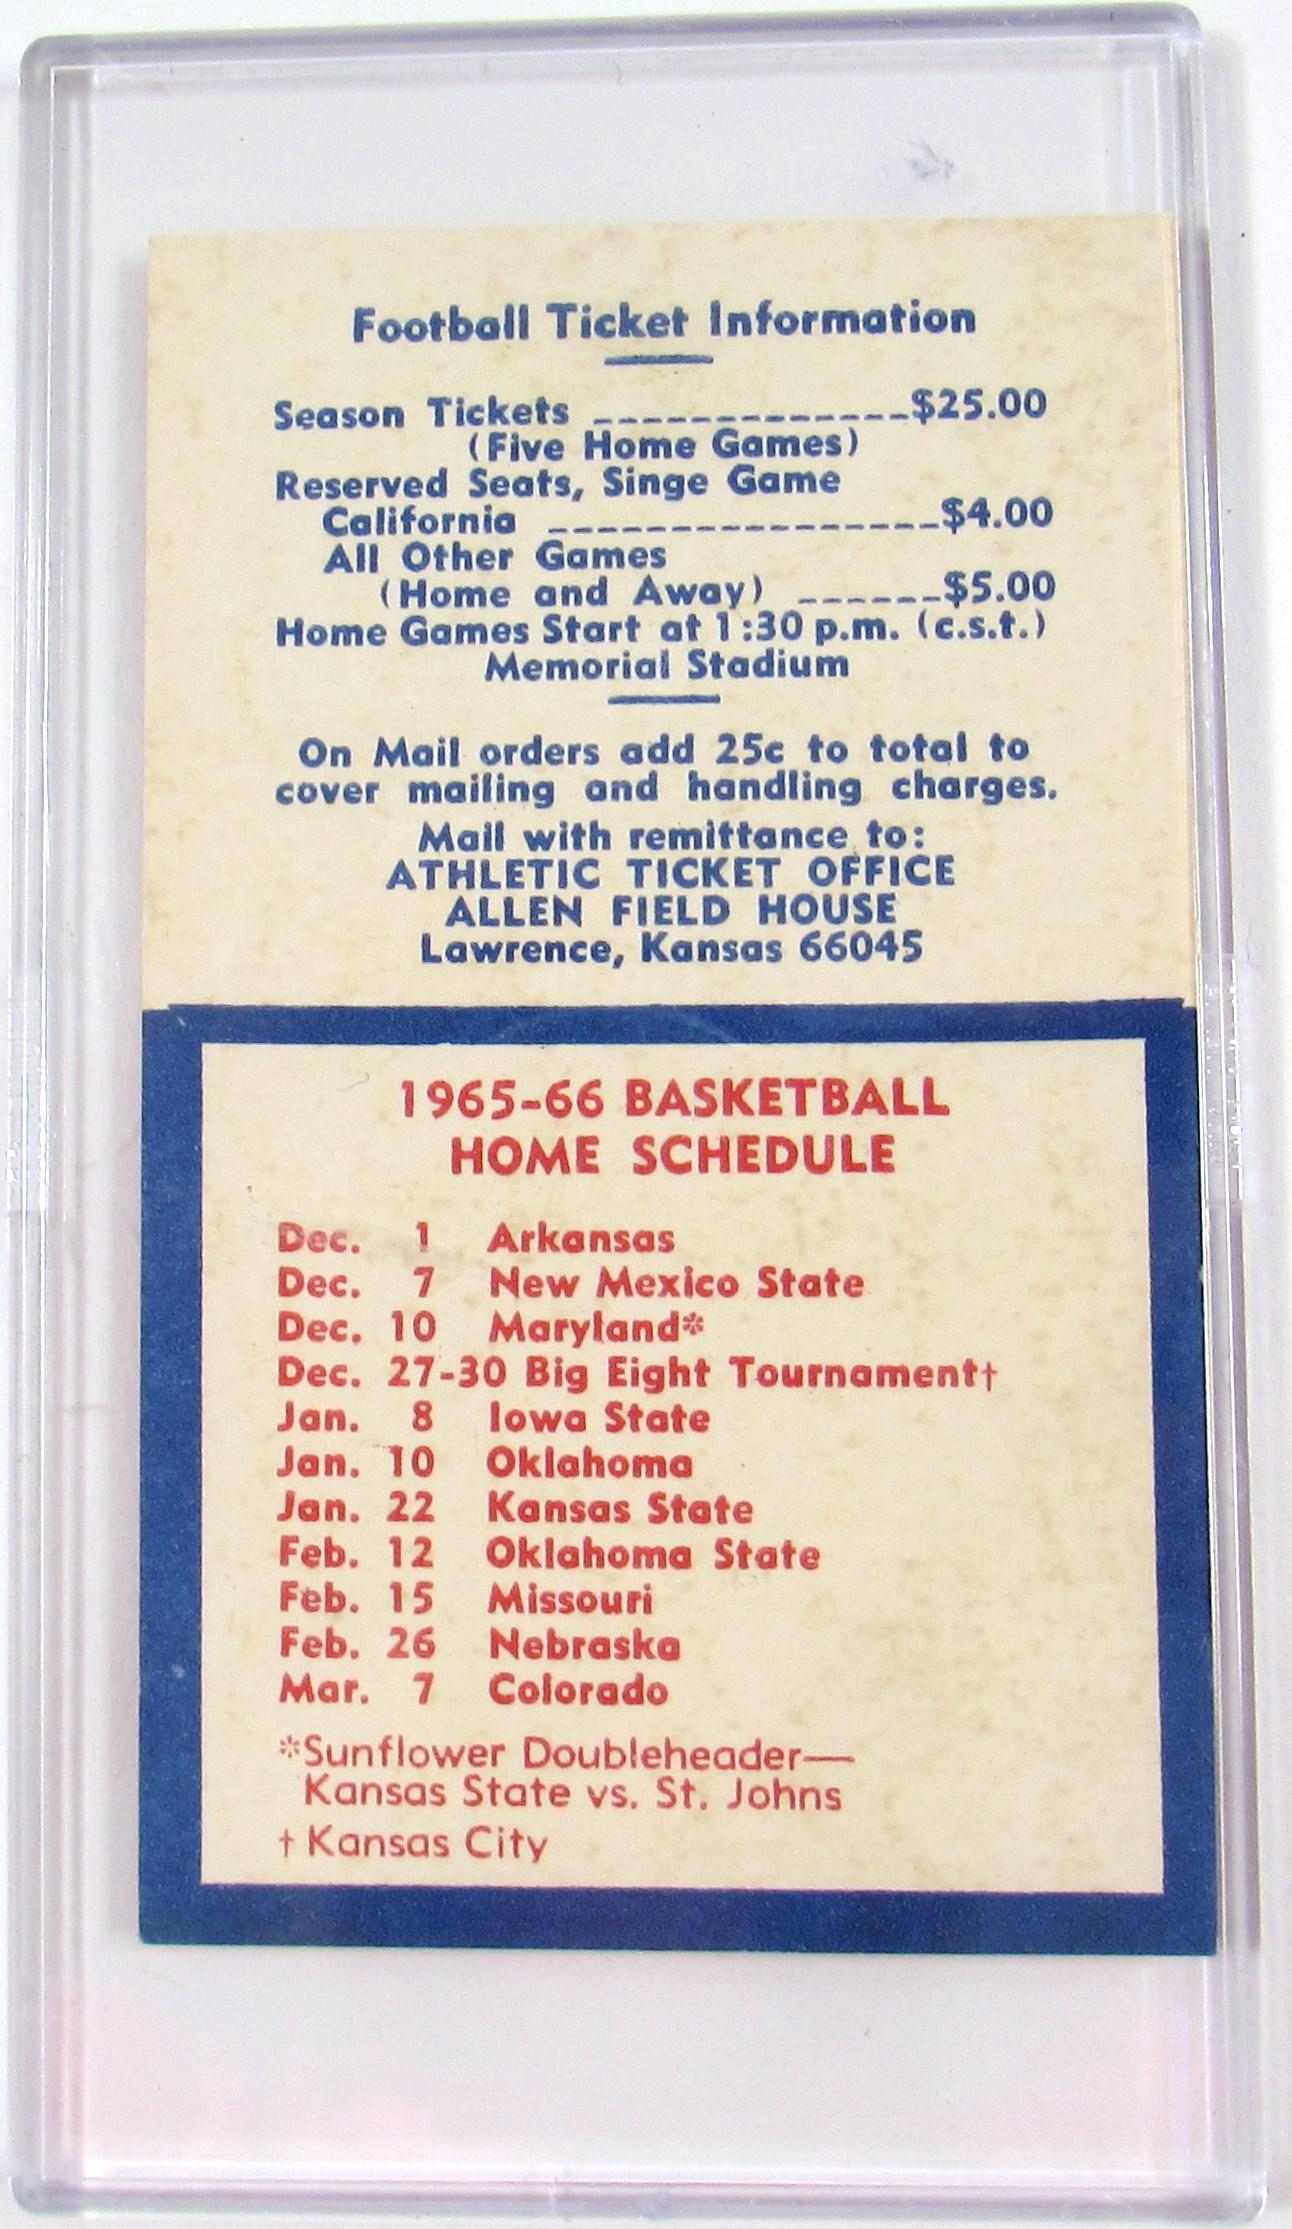 lot detail - 1965 ku football & basketball pocket schedule